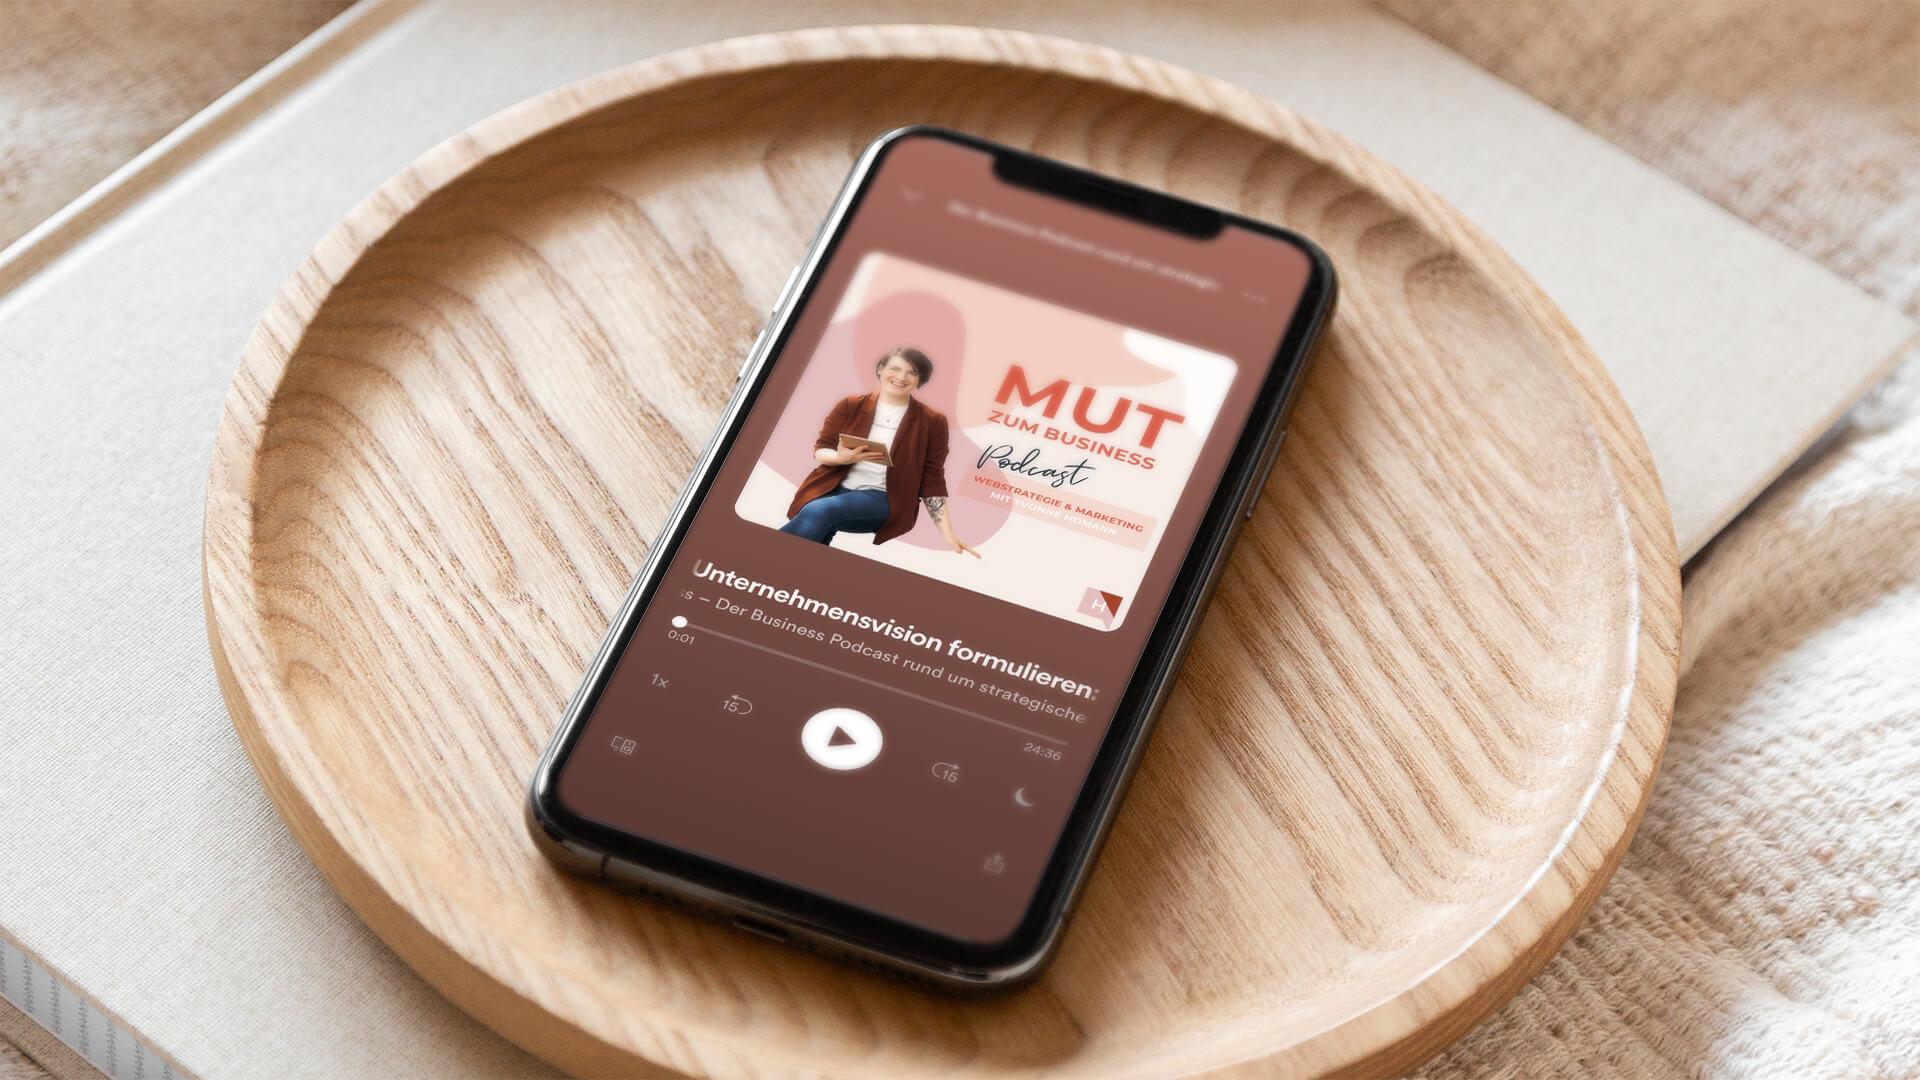 Titelbild-mut-zum-business-podcast-mit-yvonne-homann-webstrategie-und-social-media-beratung-eine-starke-vision-für-dein-unternehmen-formulieren-folge-00-neues-cover